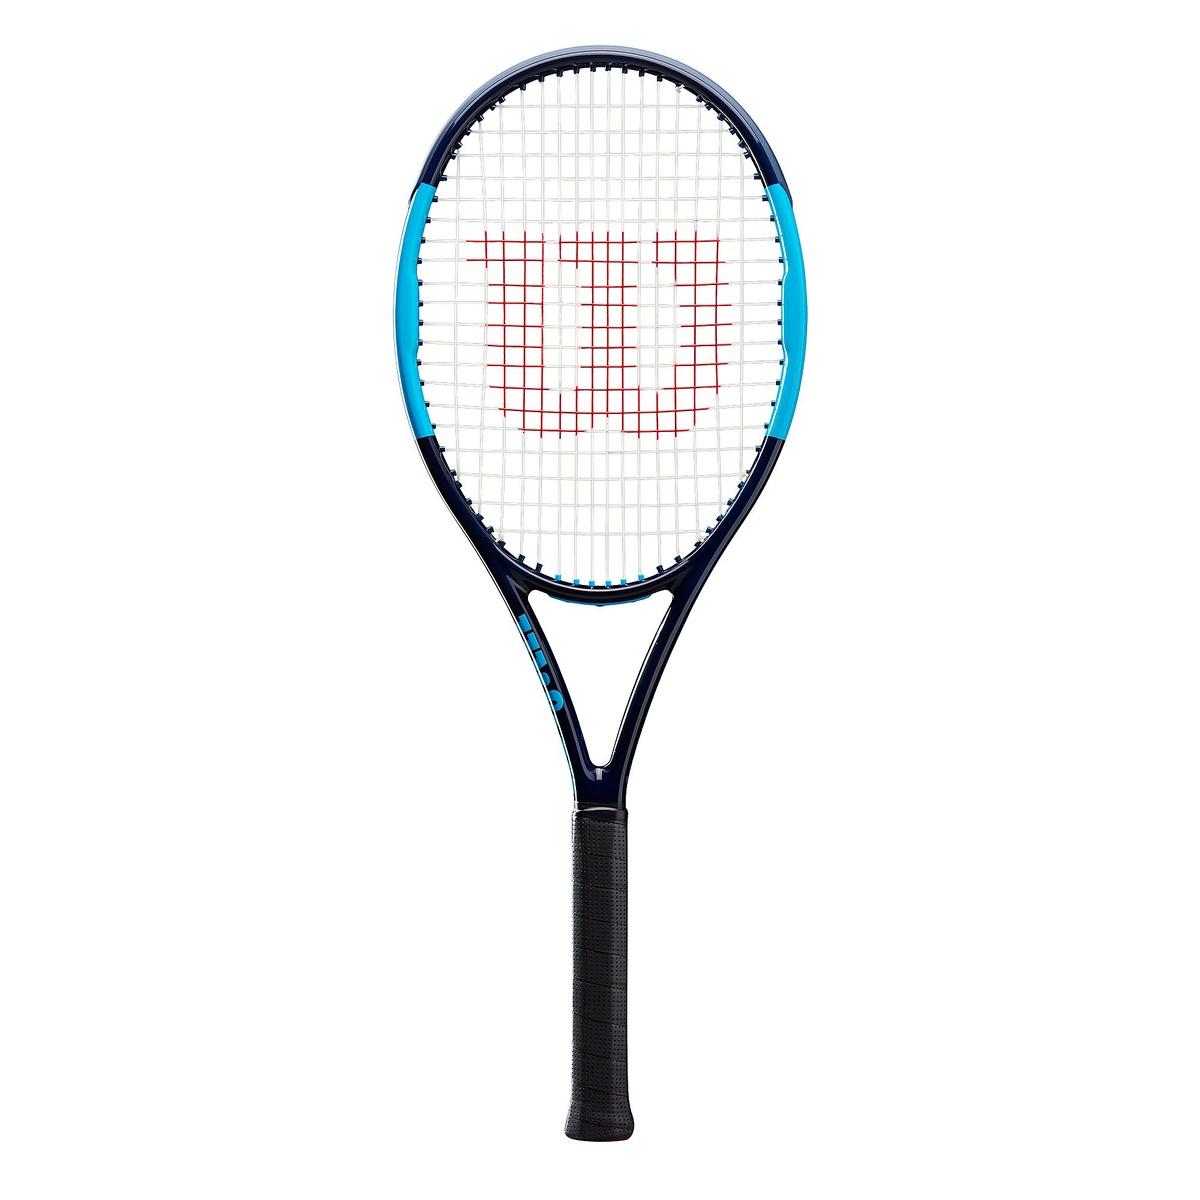 ウィルソン 【フレームのみ】テニス フレームラケット ULTRA TOUR 95JP CV TNS SC WILSON 【送料無料】 WILSON (ウィルソン) 【フレームのみ】テニス フレームラケット ULTRA TOUR 95JP CV TNS SC NVYXBLU WR005911S